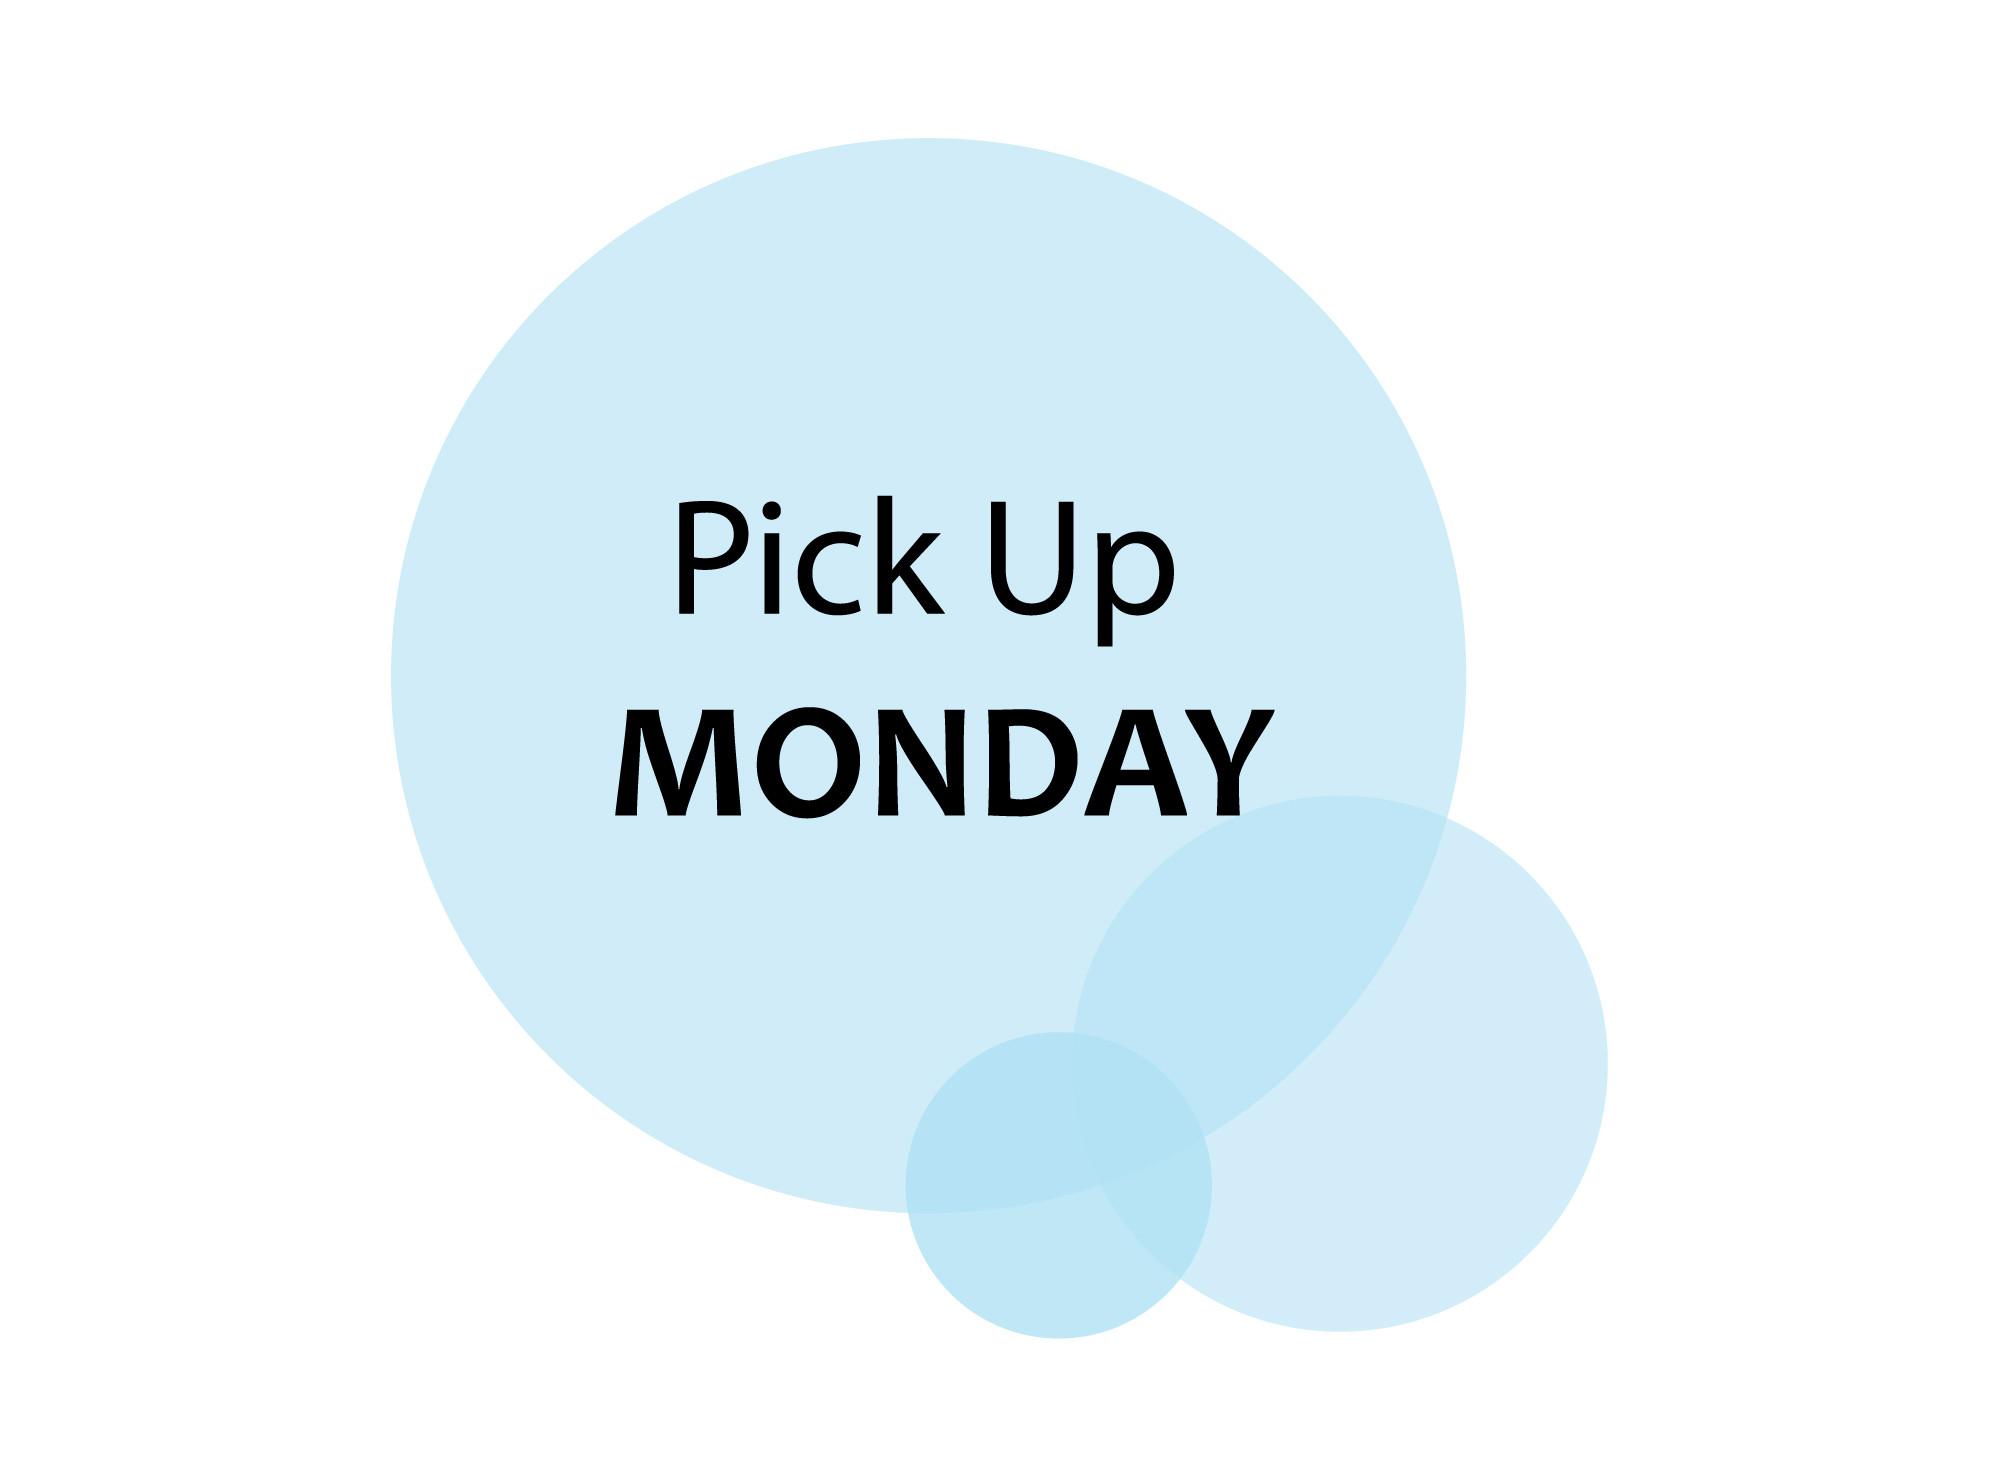 Pick Up Monday